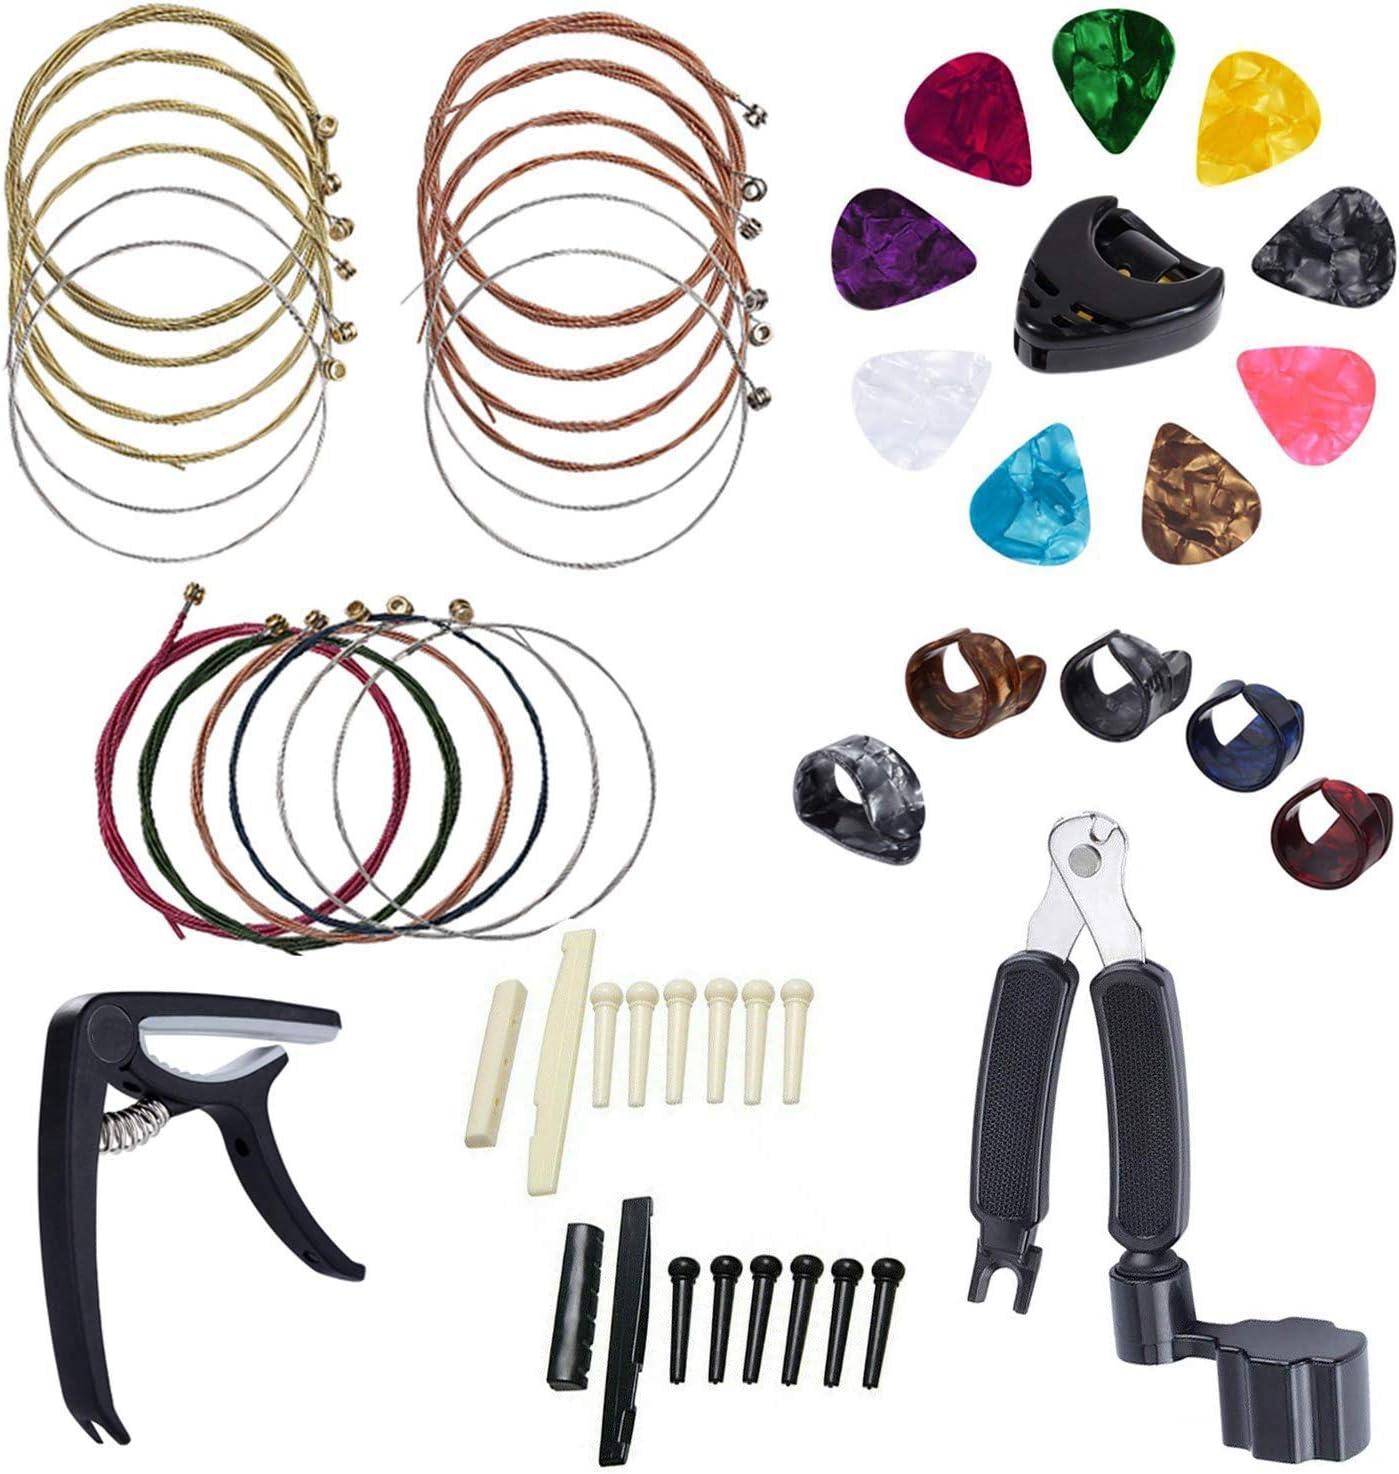 Sandis Kit de Accesorios para Guitarra de 34 Piezas Incluyendo PúAs de Guitarra, Enrollador de 3 en 1 Cuerda, SillíN de Puente de Hueso de 6 Cuerdas y Nuez Selecciones de Dedo